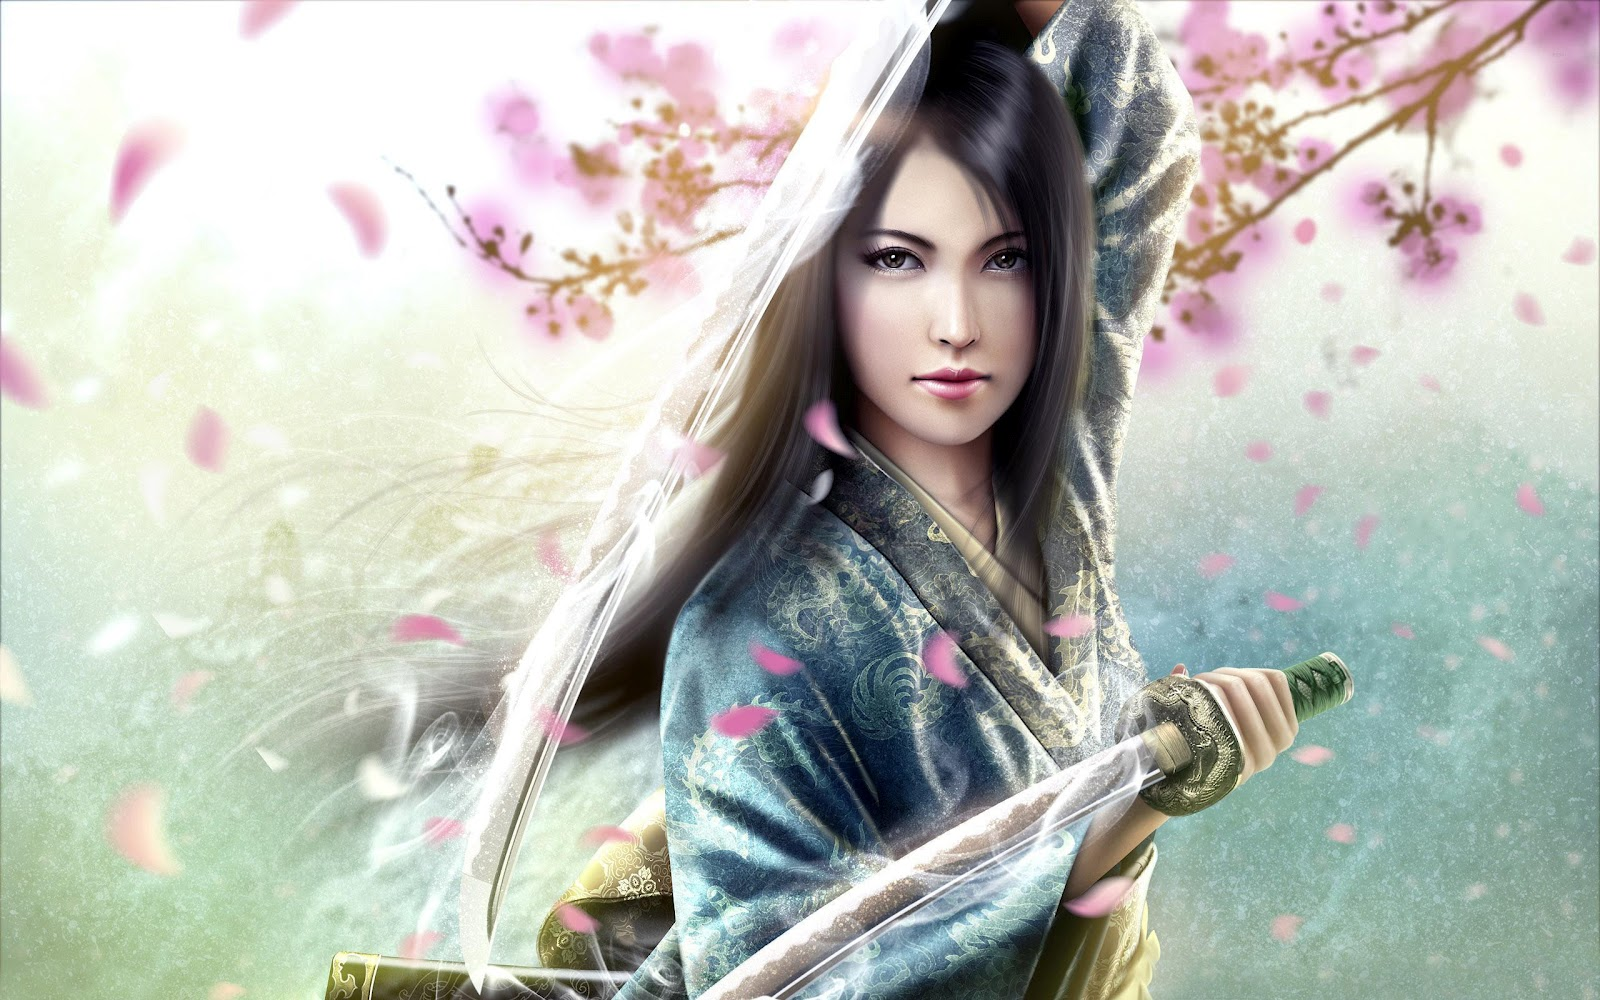 http://3.bp.blogspot.com/-IxIj3PmnE6E/T-lhUnrq5VI/AAAAAAAABjw/qisUTImwlBE/s1600/3d+Girl+HD+Wallpapers2.jpg